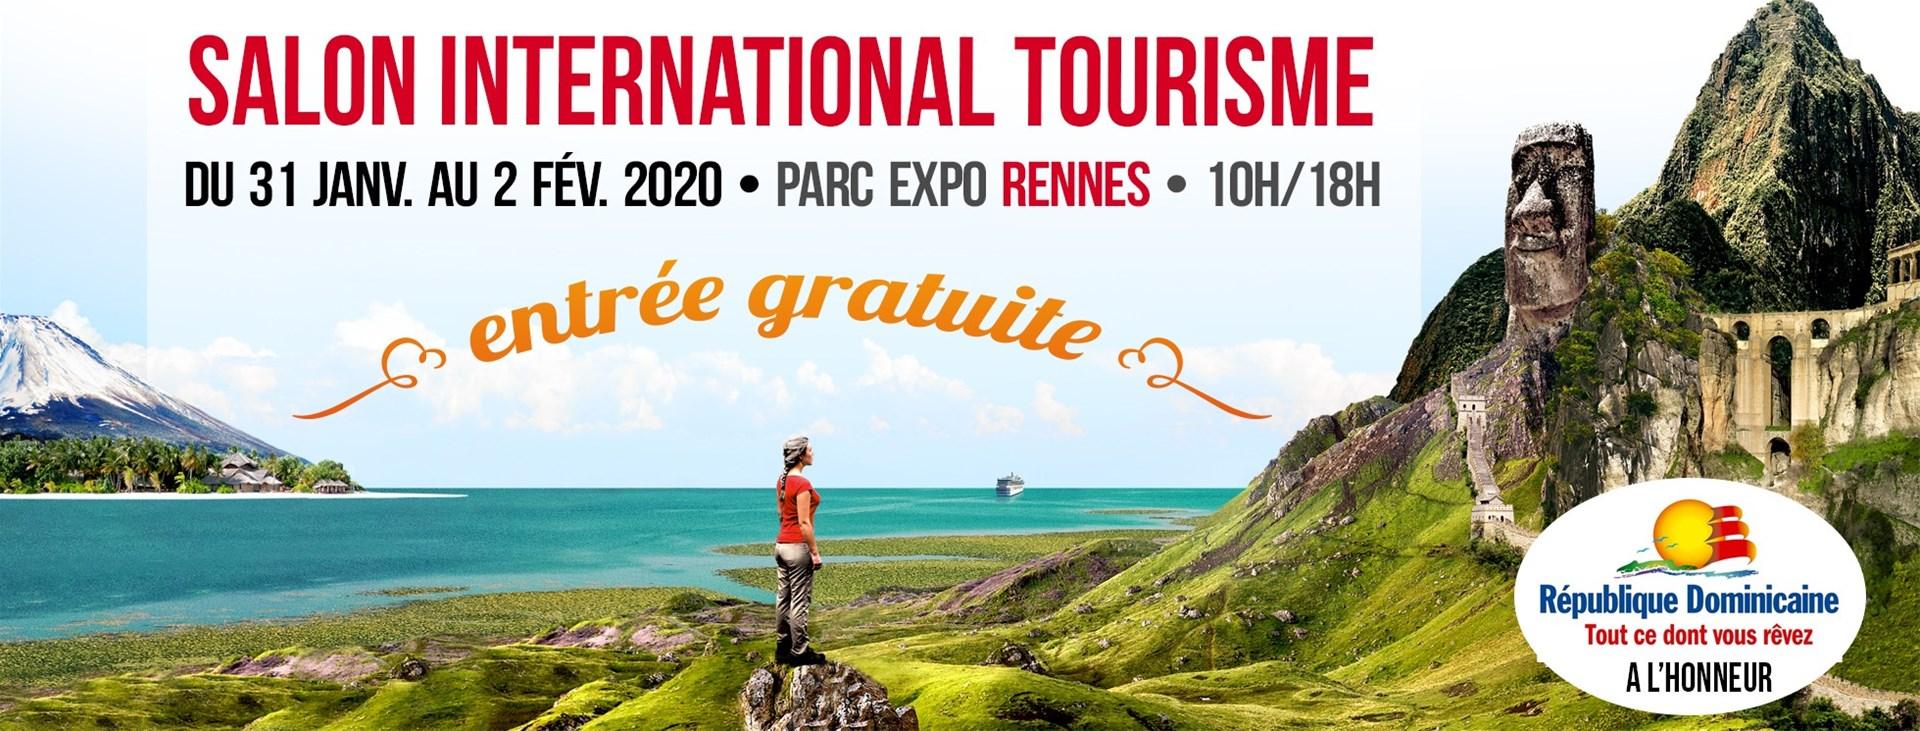 FFRandonnée Salon International du Tourisme Rennes 2020